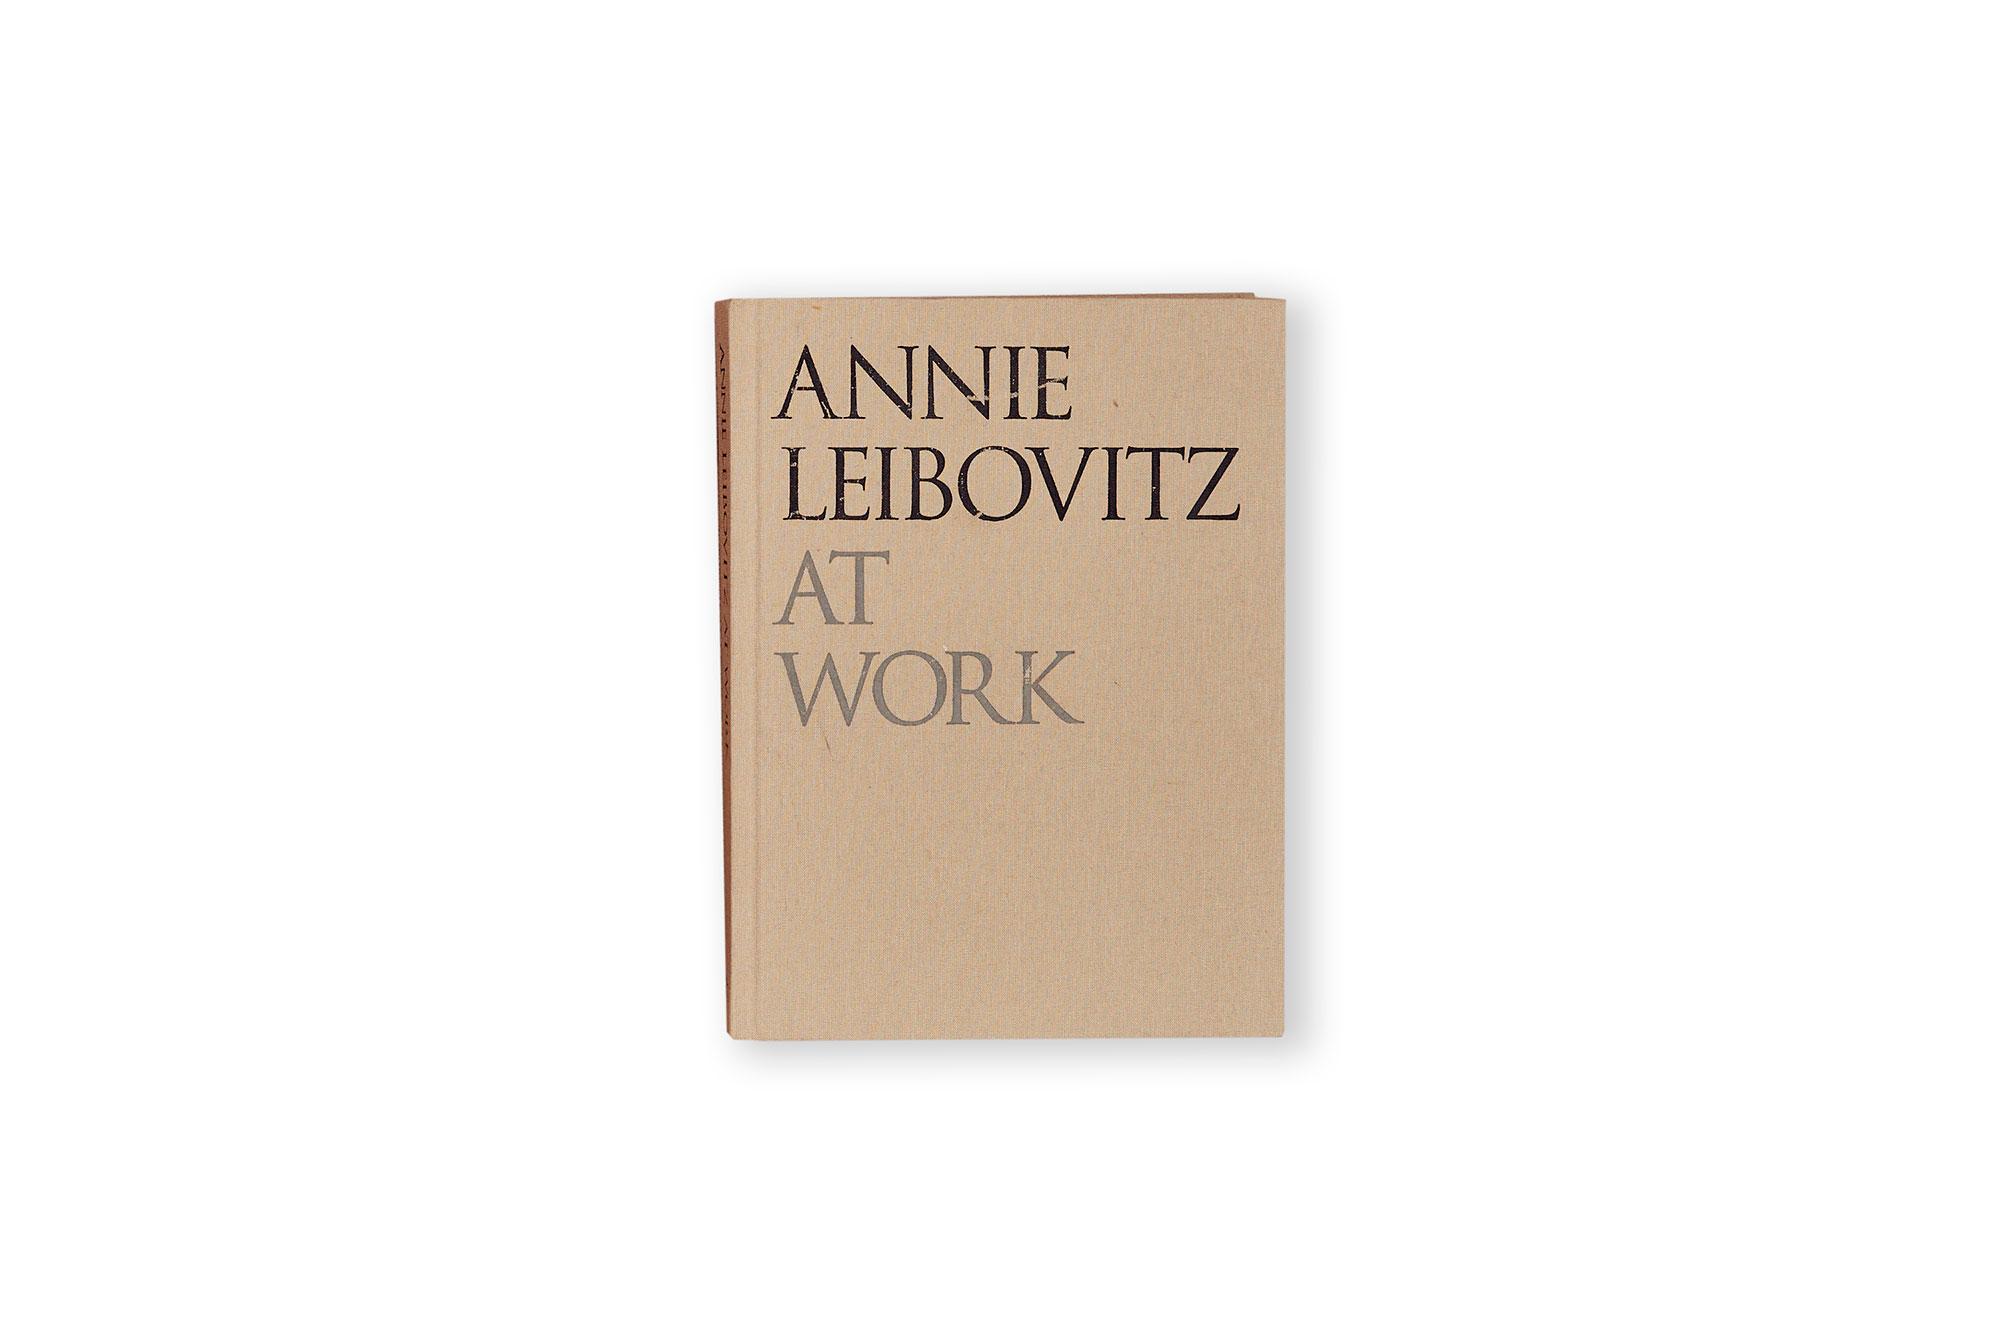 AT WORK, annie leibovitz.